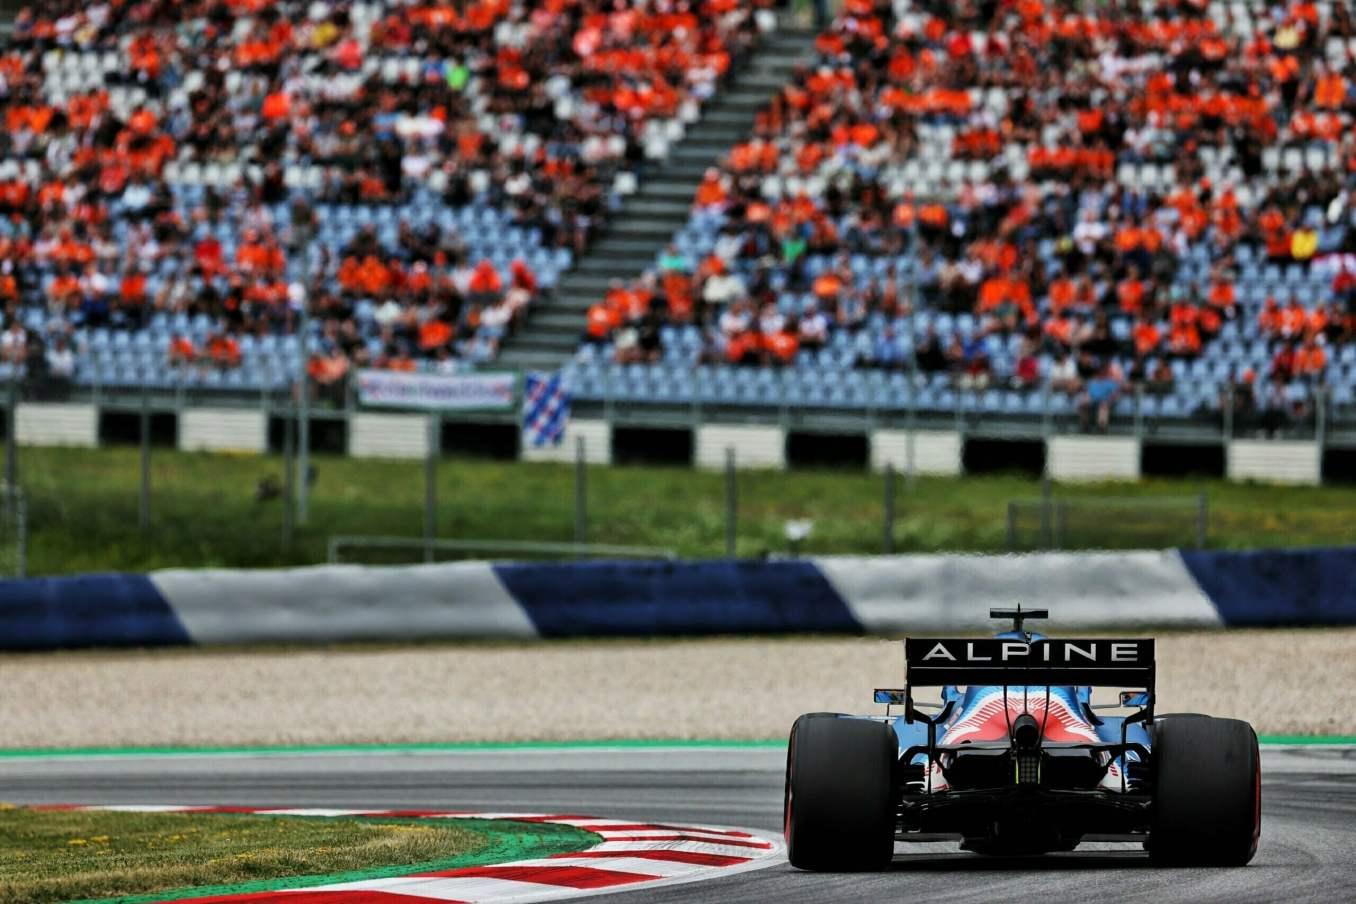 Alpine F1 Alonso Ocon A521 GP Autriche Spielberg 2021 17 scaled | Alpine F1 : Alonso rapporte un point au Grand-Prix d'Autriche